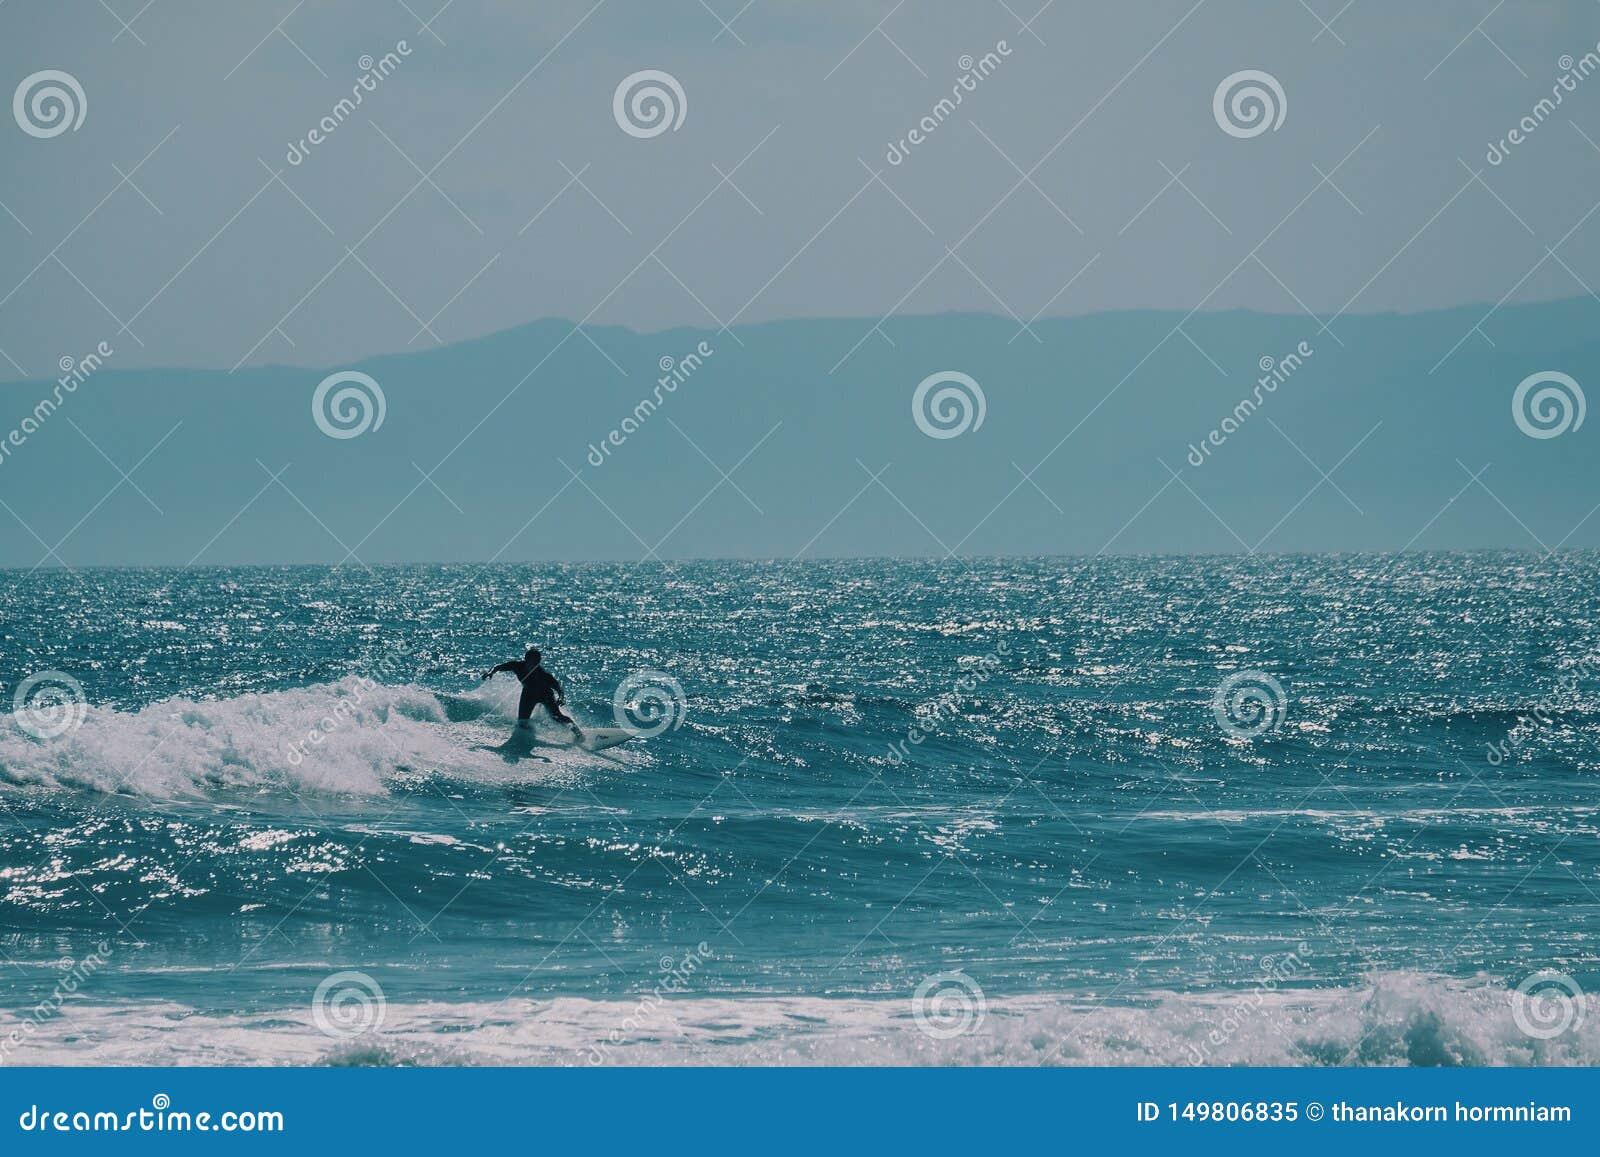 Αρσενικό surfer στον ωκεανό, έννοια θερινού υποβάθρου